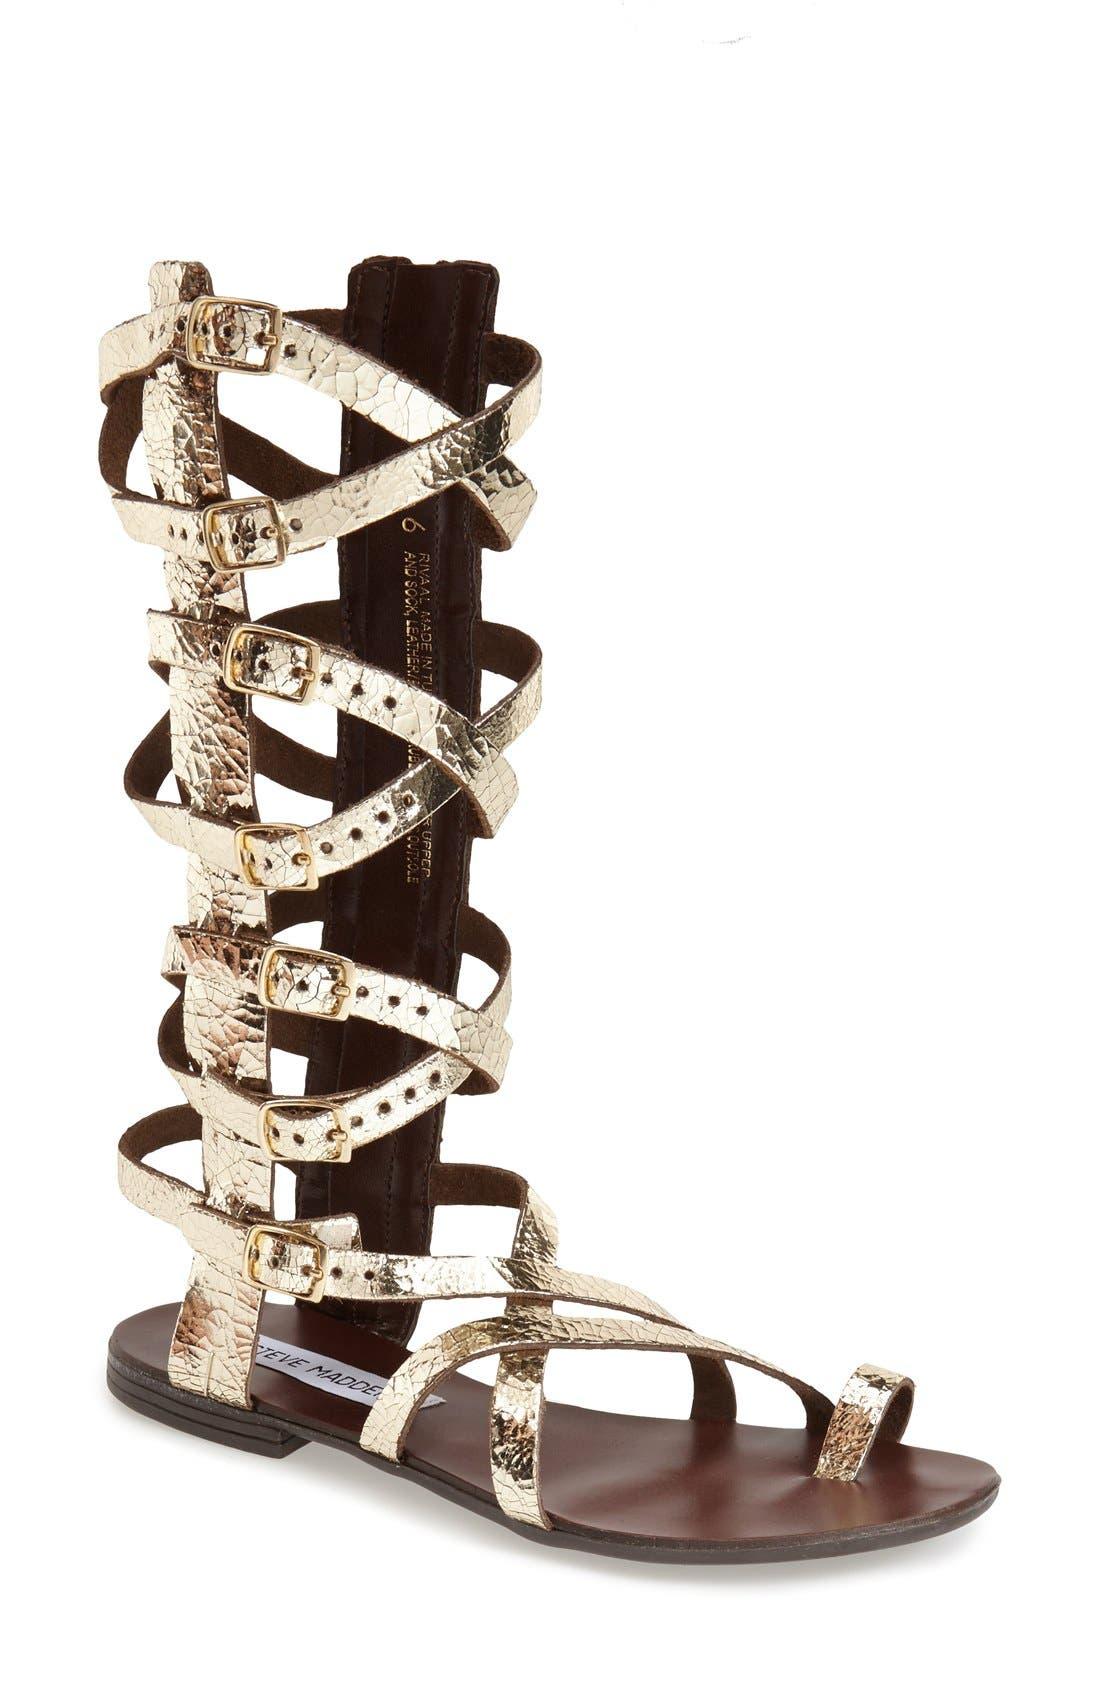 Alternate Image 1 Selected - Steve Madden 'Rivaal' Tall Gladiator Sandal (Women)